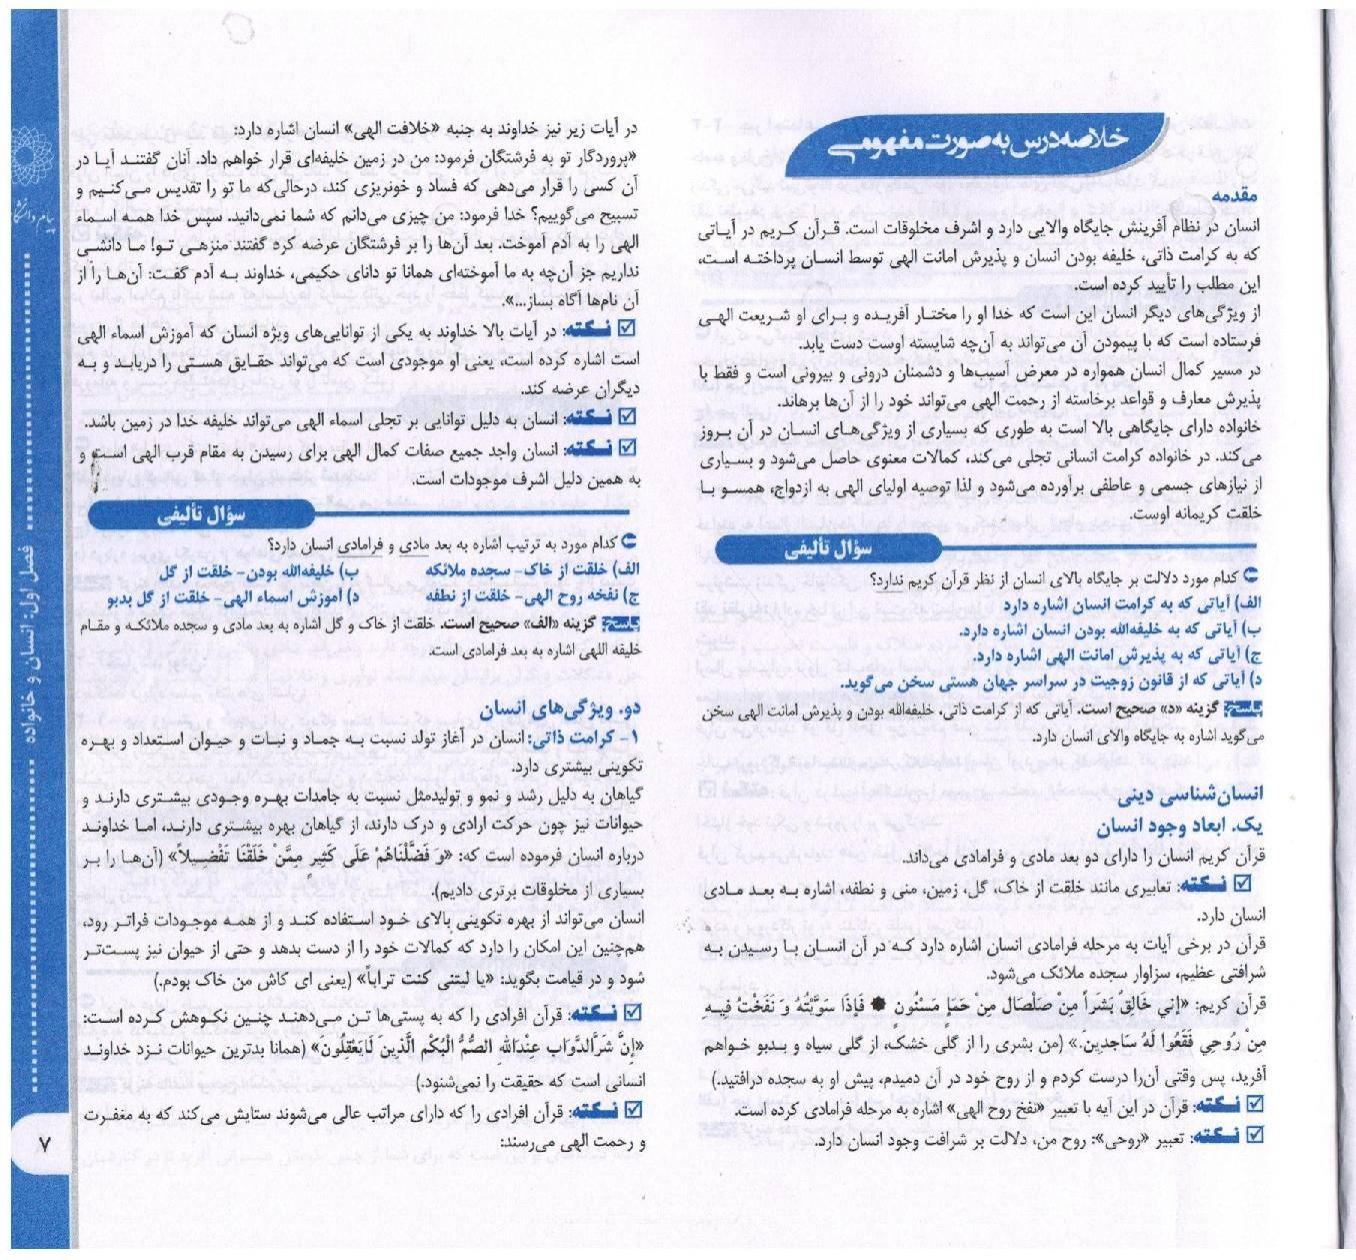 دانلود کتاب اخلاق خانواده زهرا آیت اللهی pdf + جزوه خلاصه و نمونه سوالات تستی رایگان متن قابل سرچ و جستجو